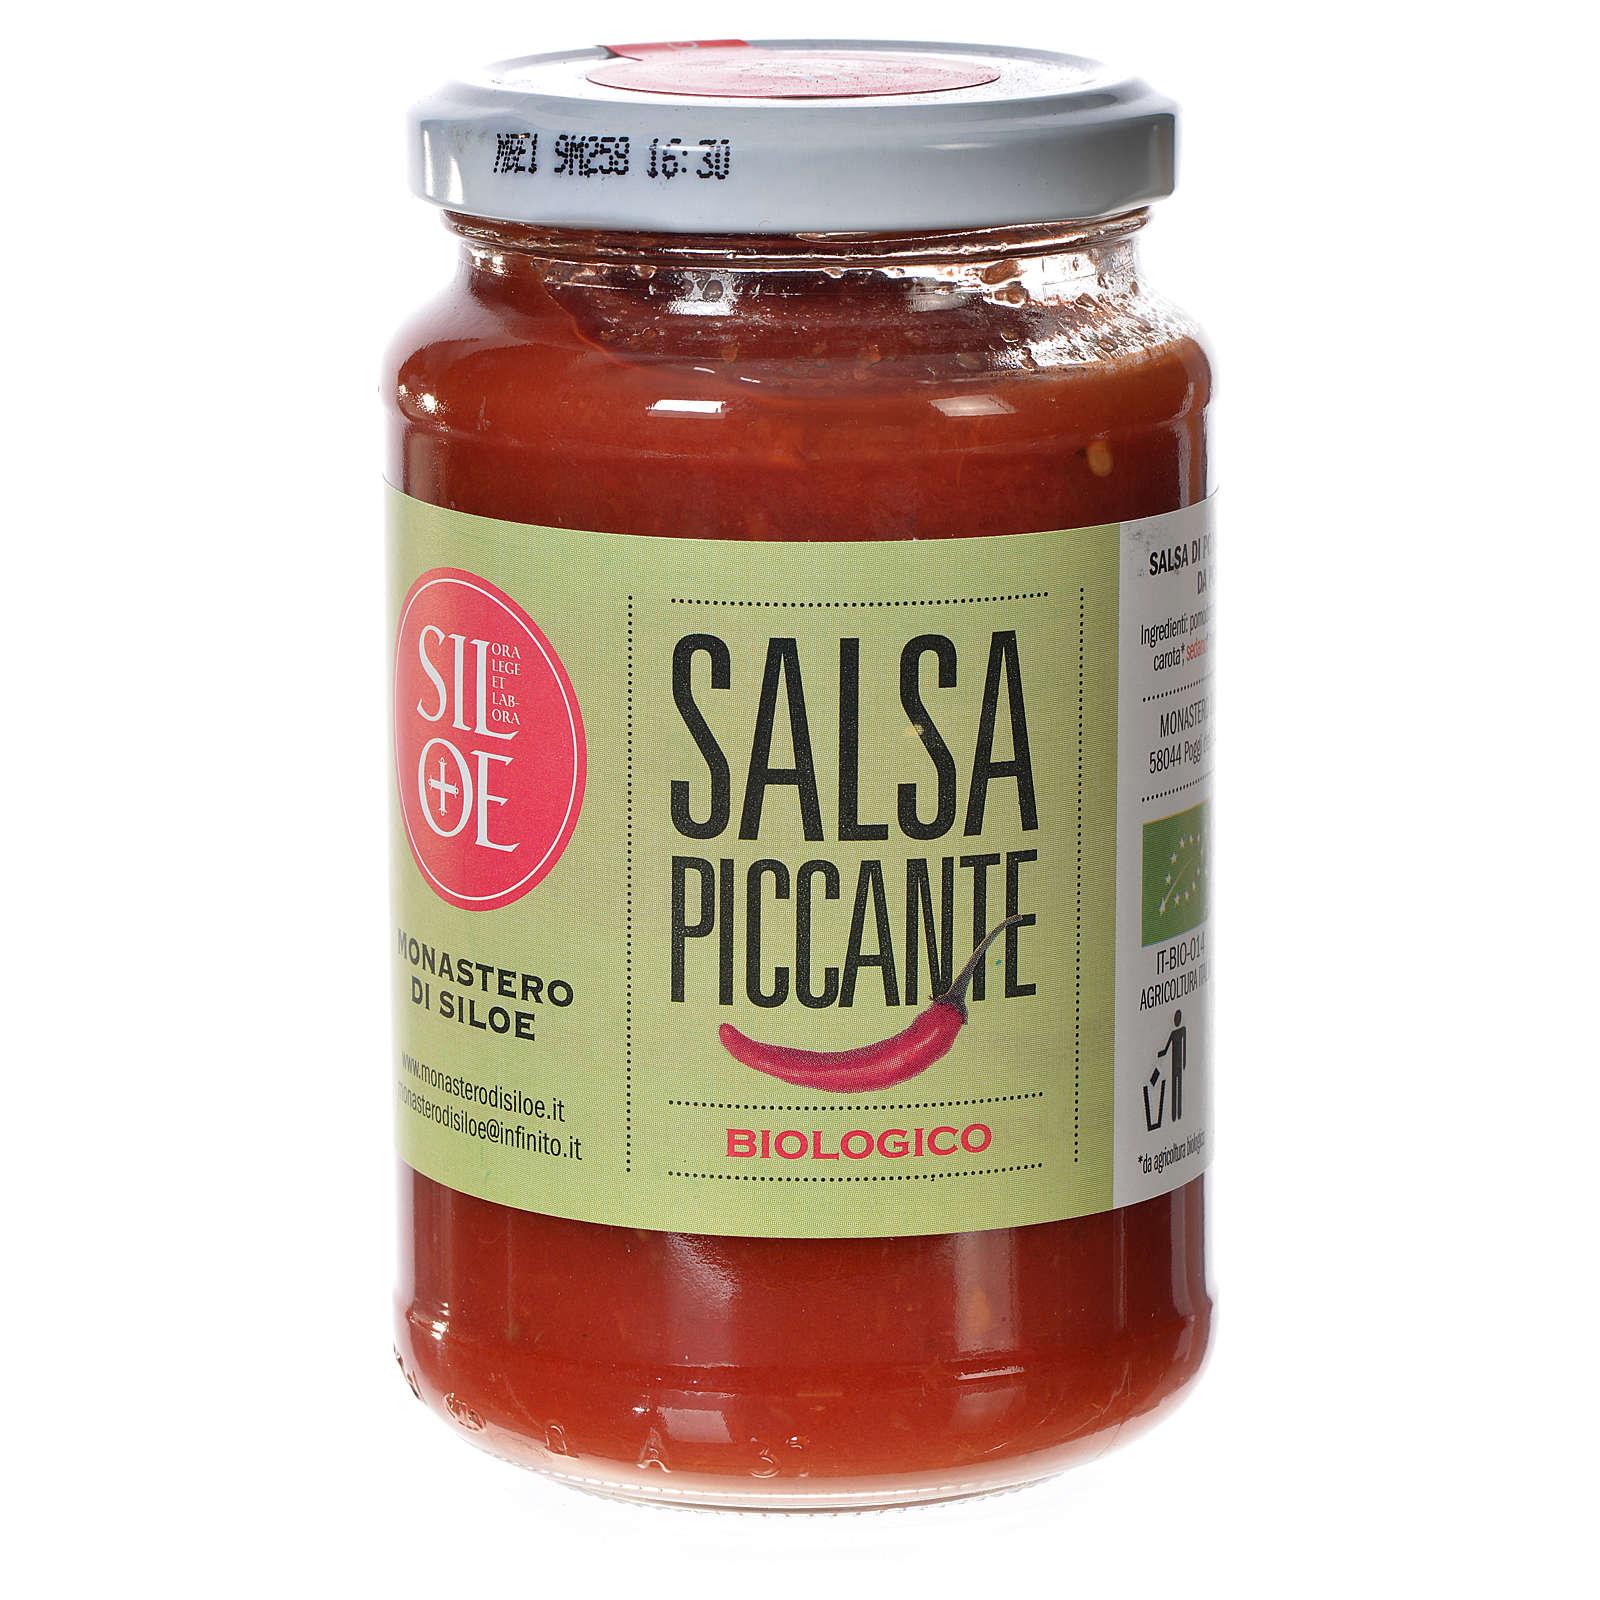 Salsa Picante Monasterio Siloe 340 gr 3